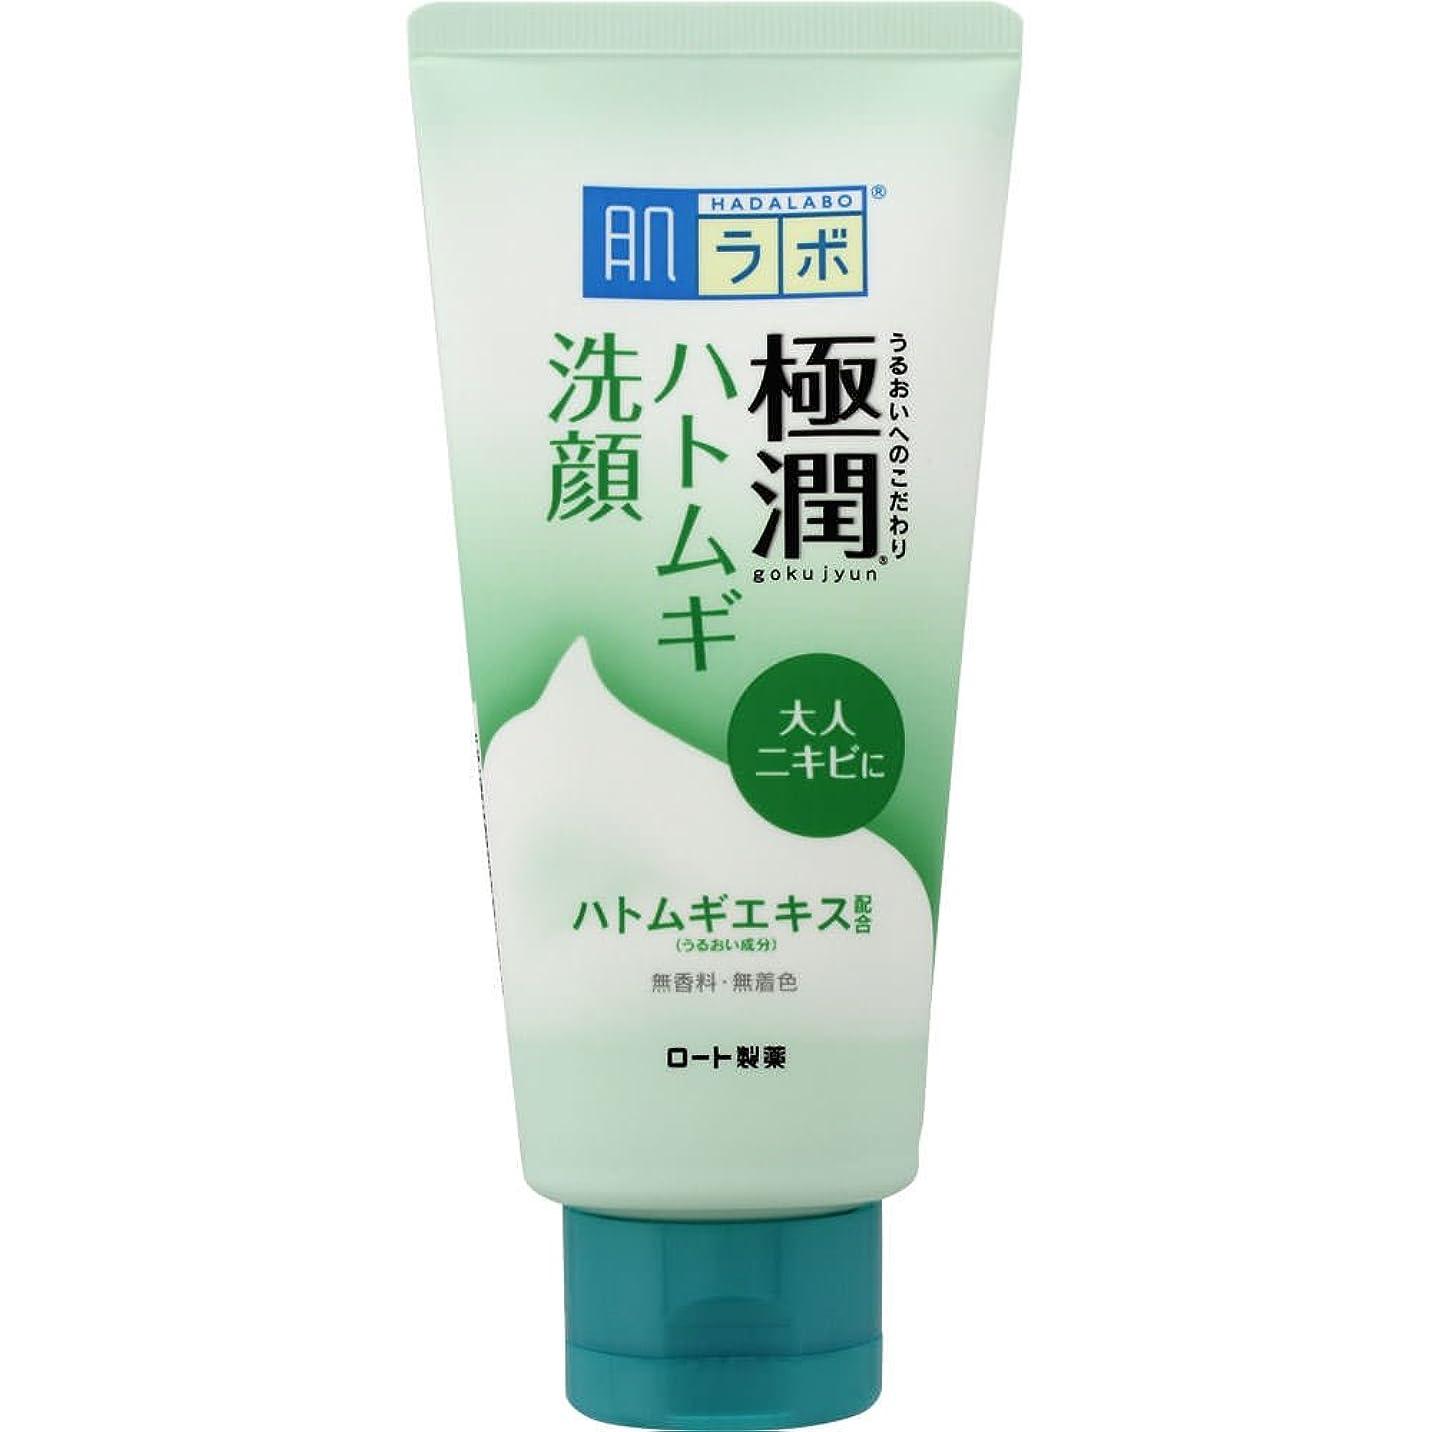 逆説貫通する配分肌ラボ 極潤 毛穴洗浄 大人ニキビ予防 ハトムギ洗顔フォーム 100g